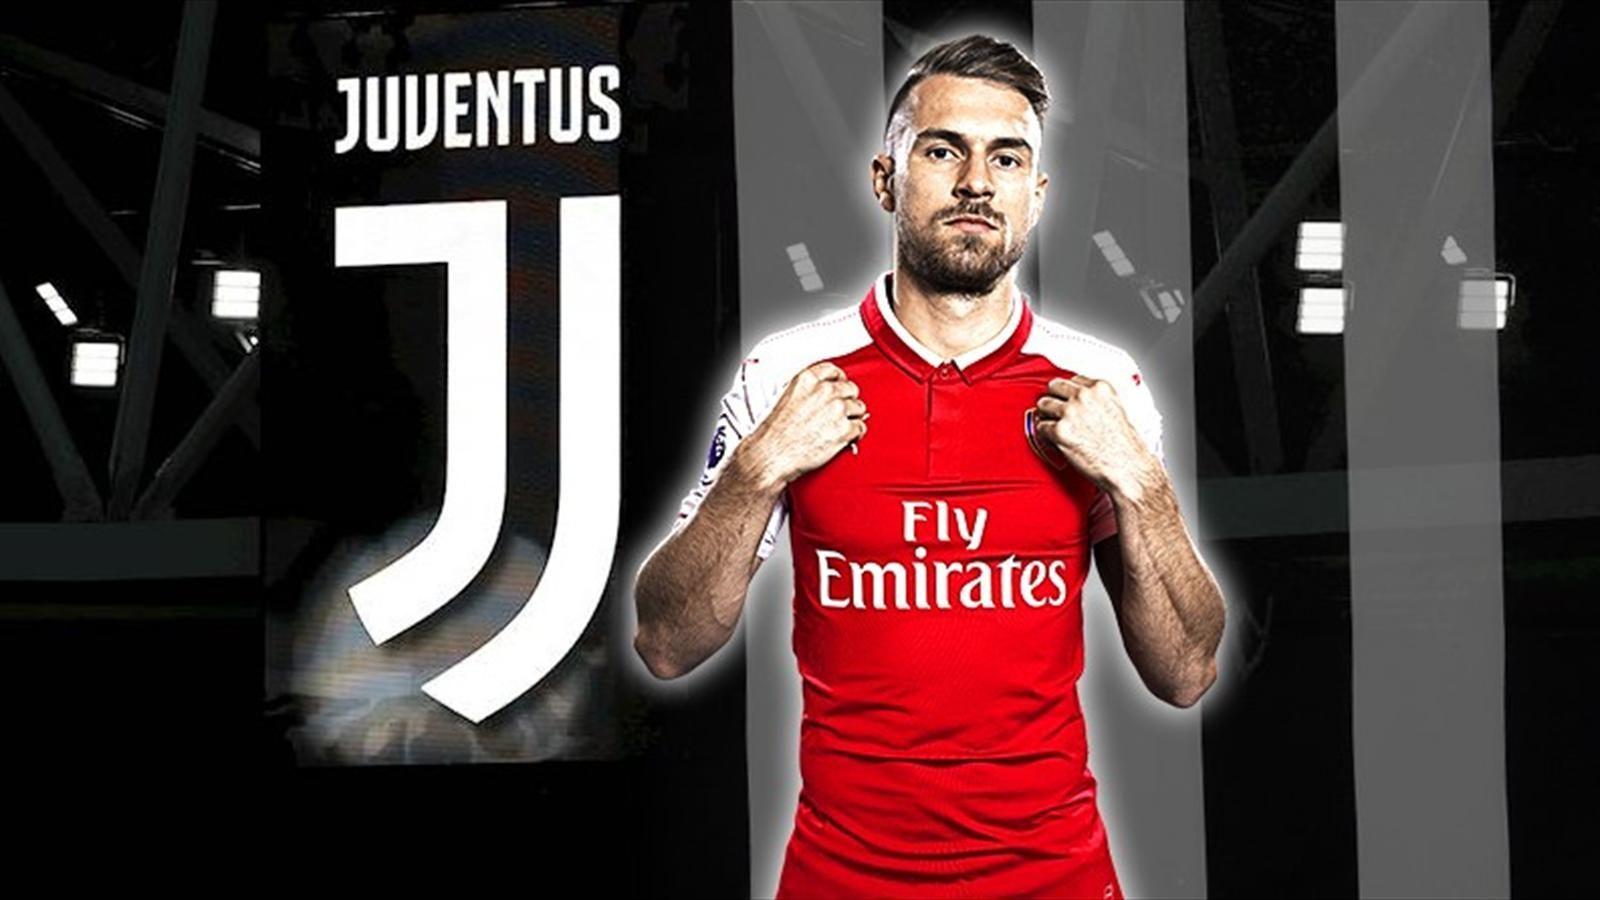 Tin Thể Thao 24-12: Real Madrid đấu MU, Juventus Ký Ramsey